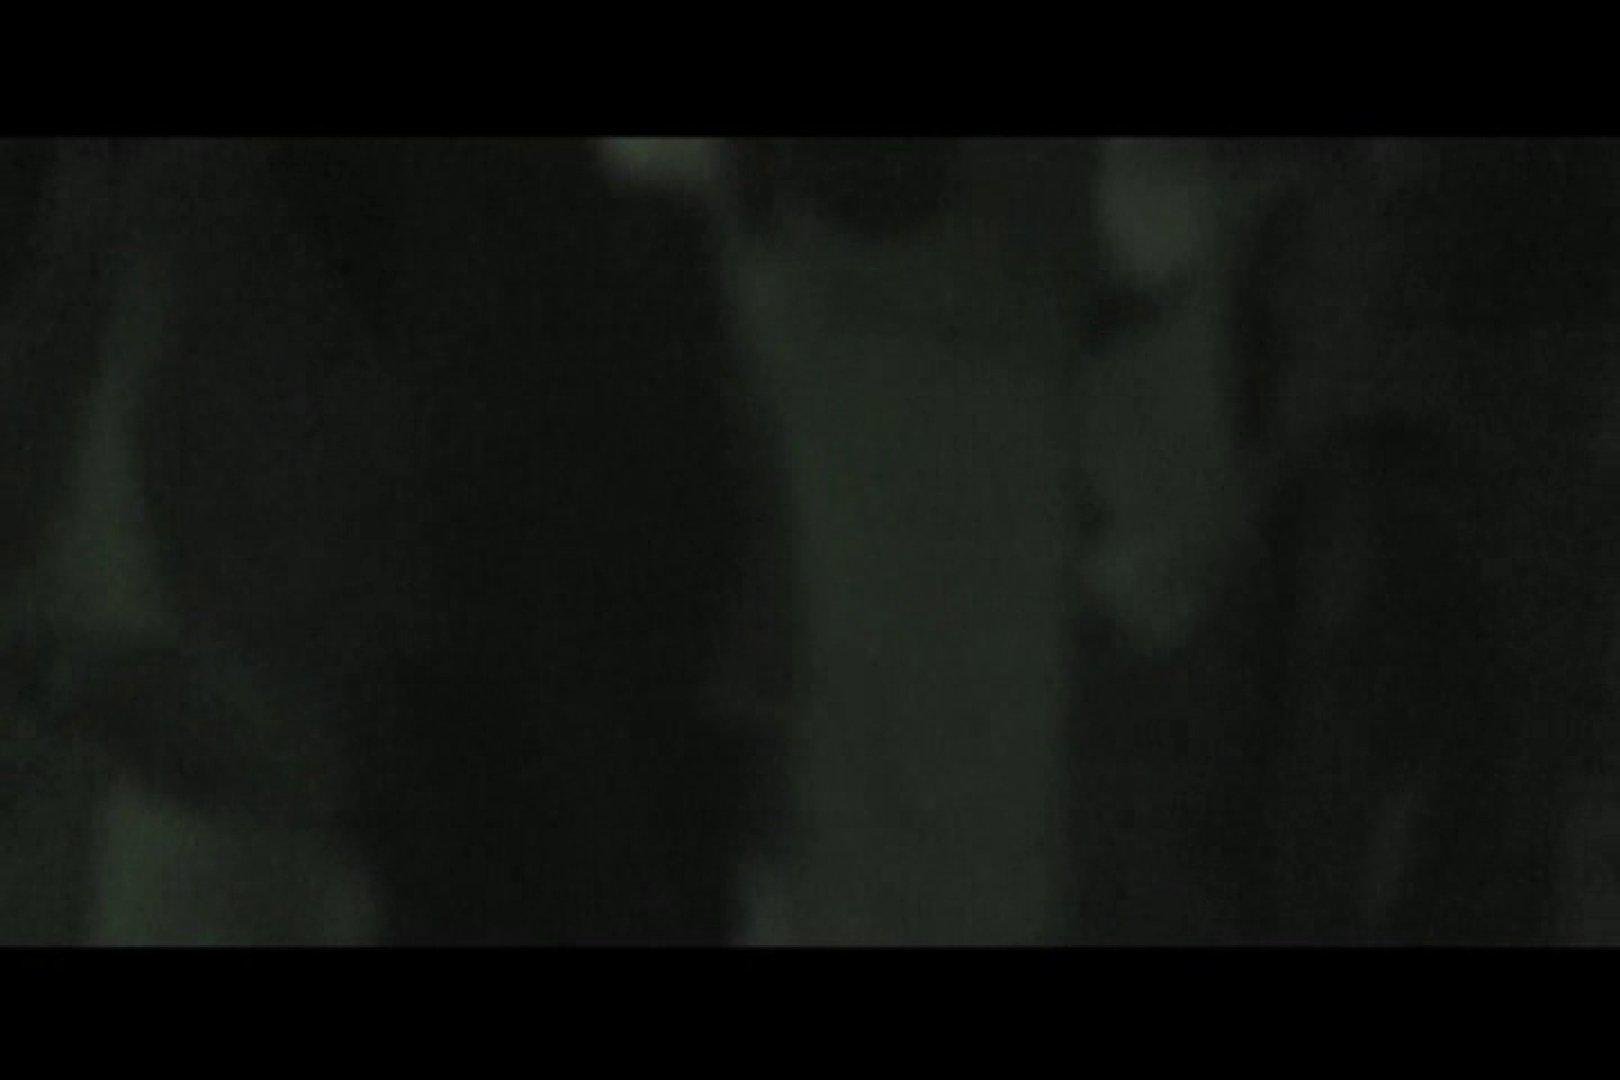 独占配信!無修正! 看護女子寮 vol.11 OLのエロ生活 | バイブ  51連発 33